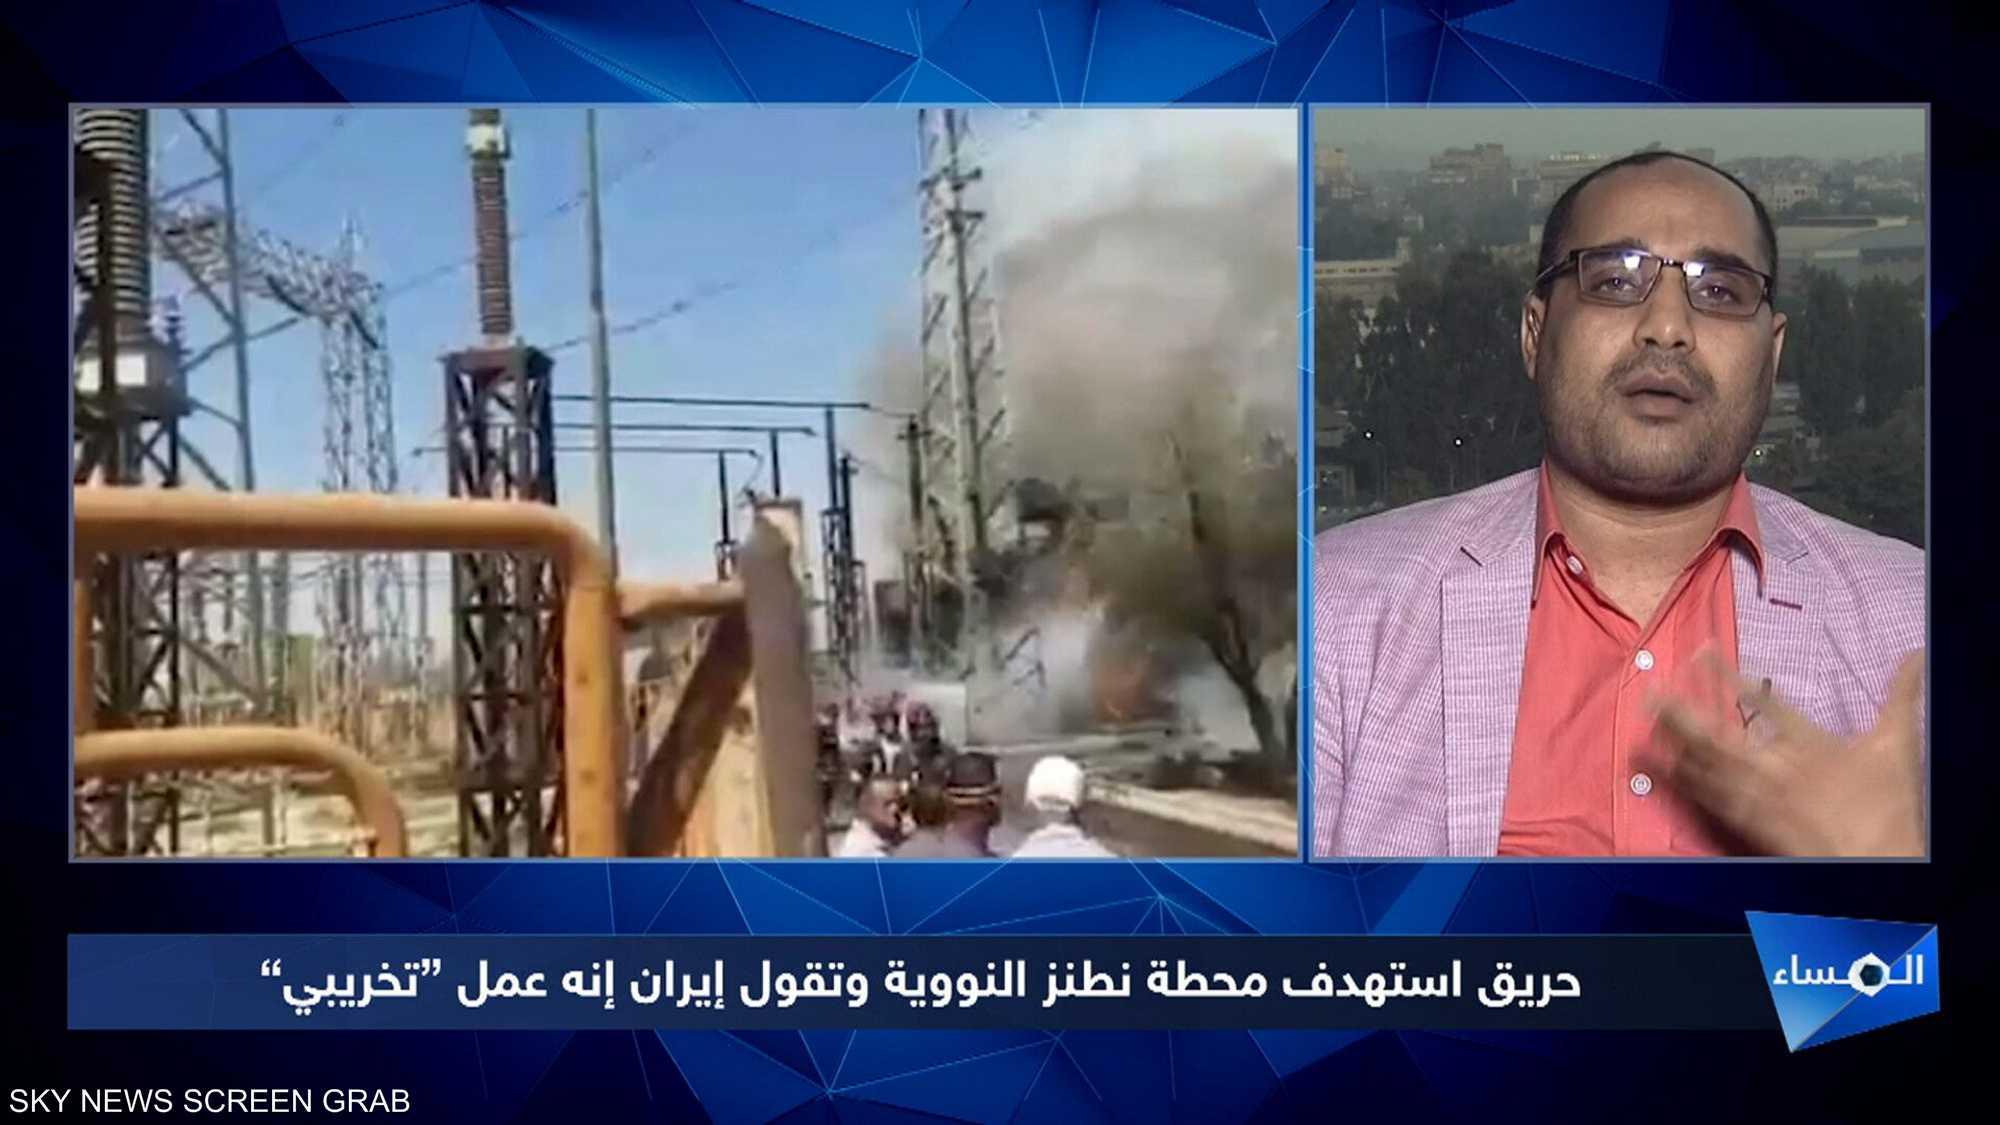 حوادث متكررة تطال منشآت للطاقة في إيران